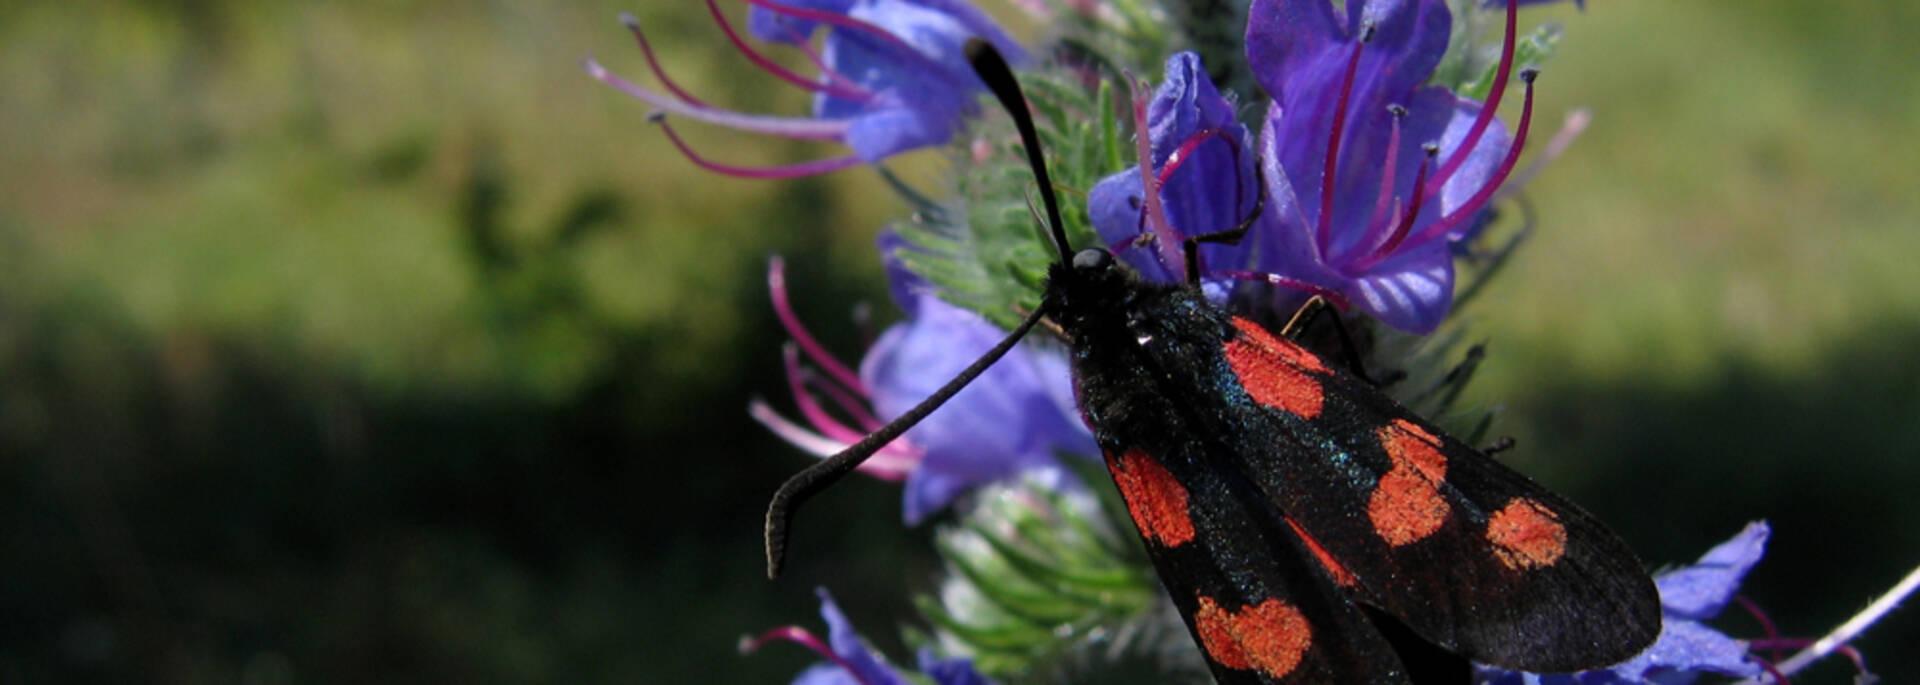 Focus sur la nature  : fleurs et insectes à la réserve naturelle d'Yves - © Réserve Naturelle du Maraus d'Yves